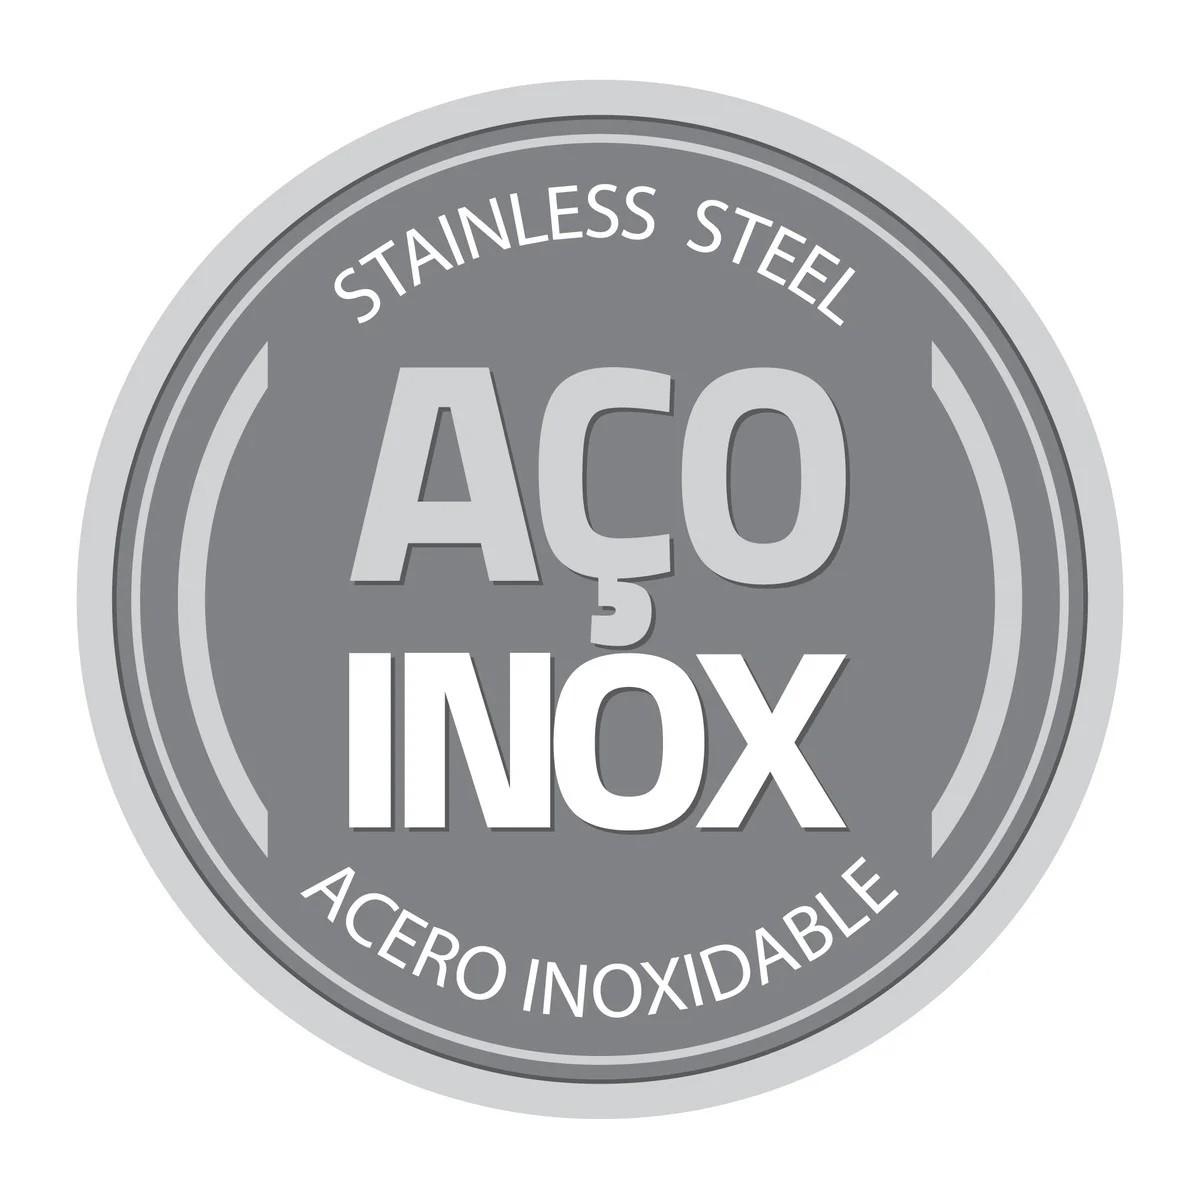 Caçarola Funda Inox Professional 20 Cm Tramontina  - Sua Casa Gourmet e Cia